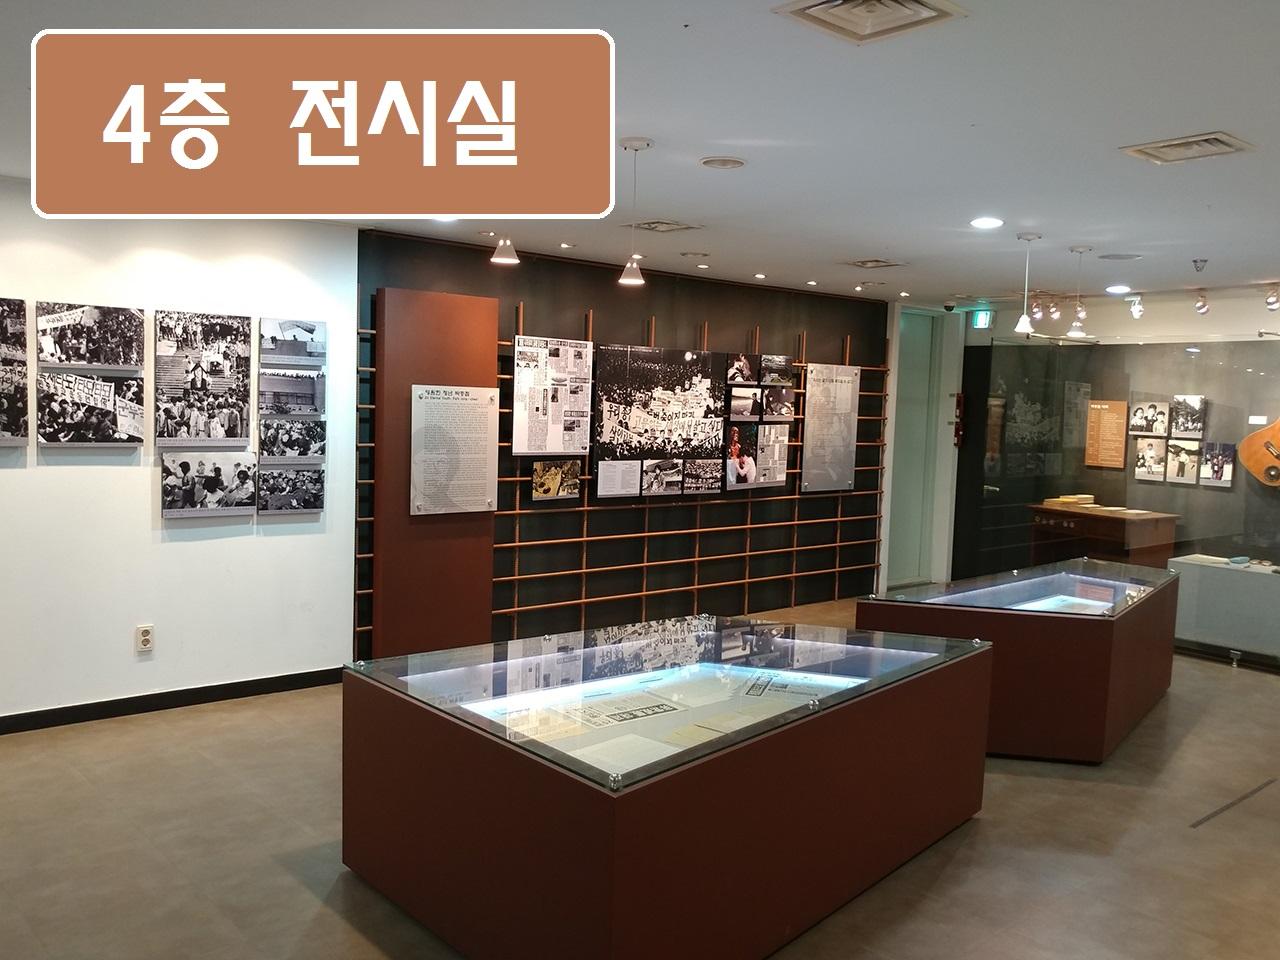 경찰청 인권센터에서 찍은 사진.